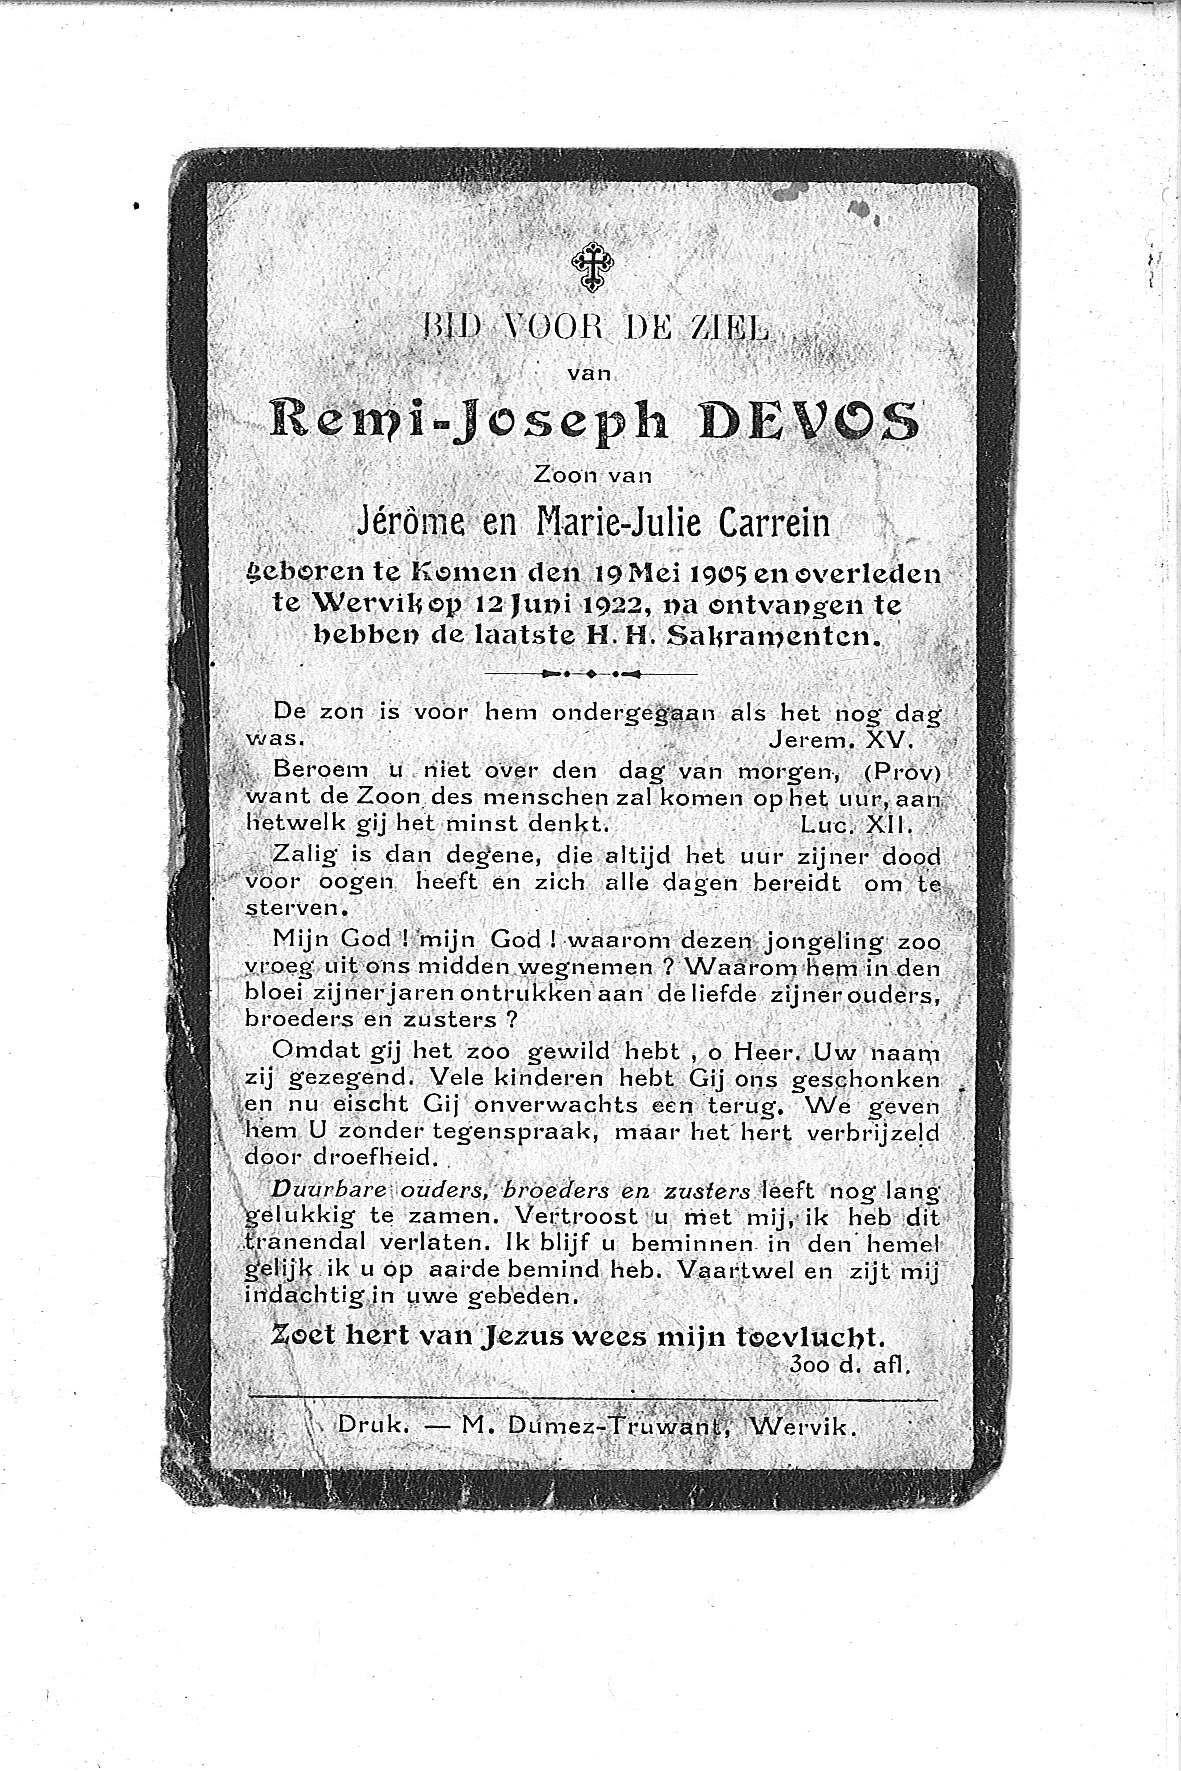 Remi-Joseph (1922) 20120306152925_00079.jpg